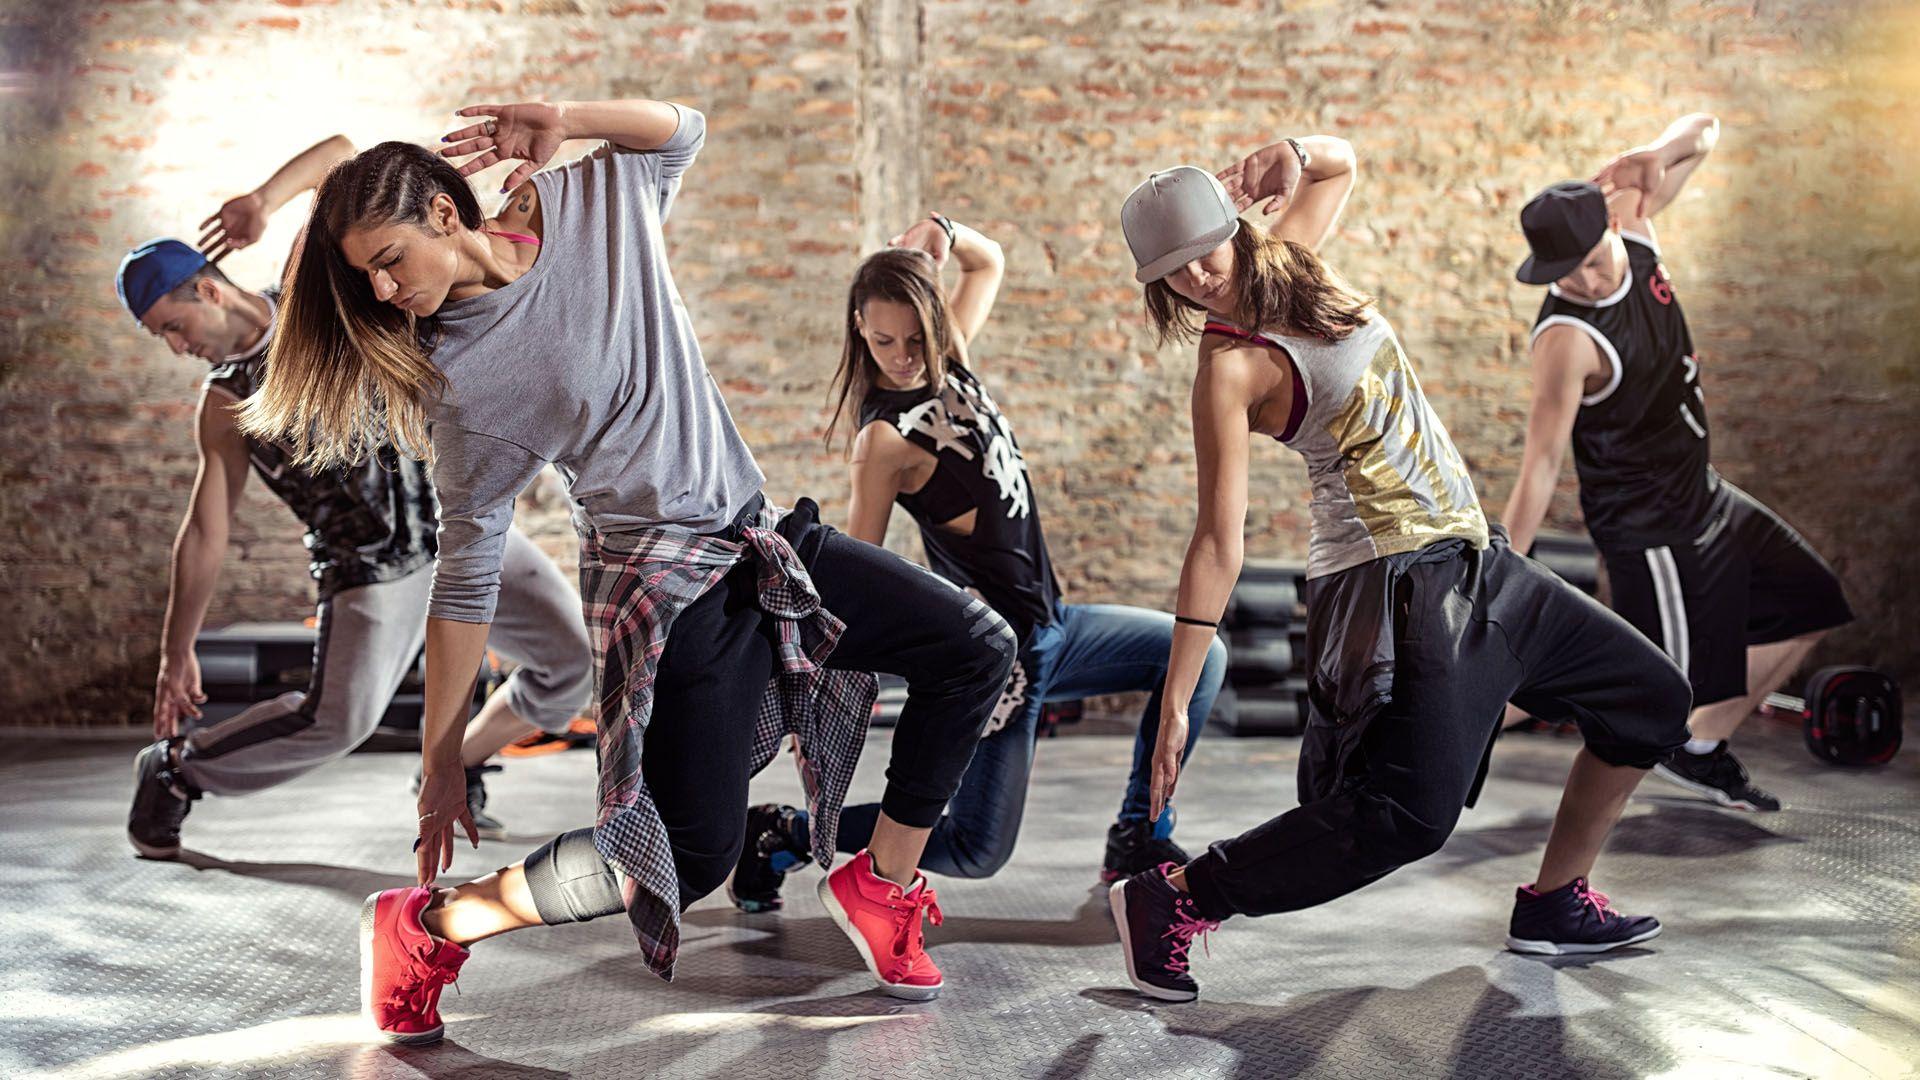 Dance wallpaper theme